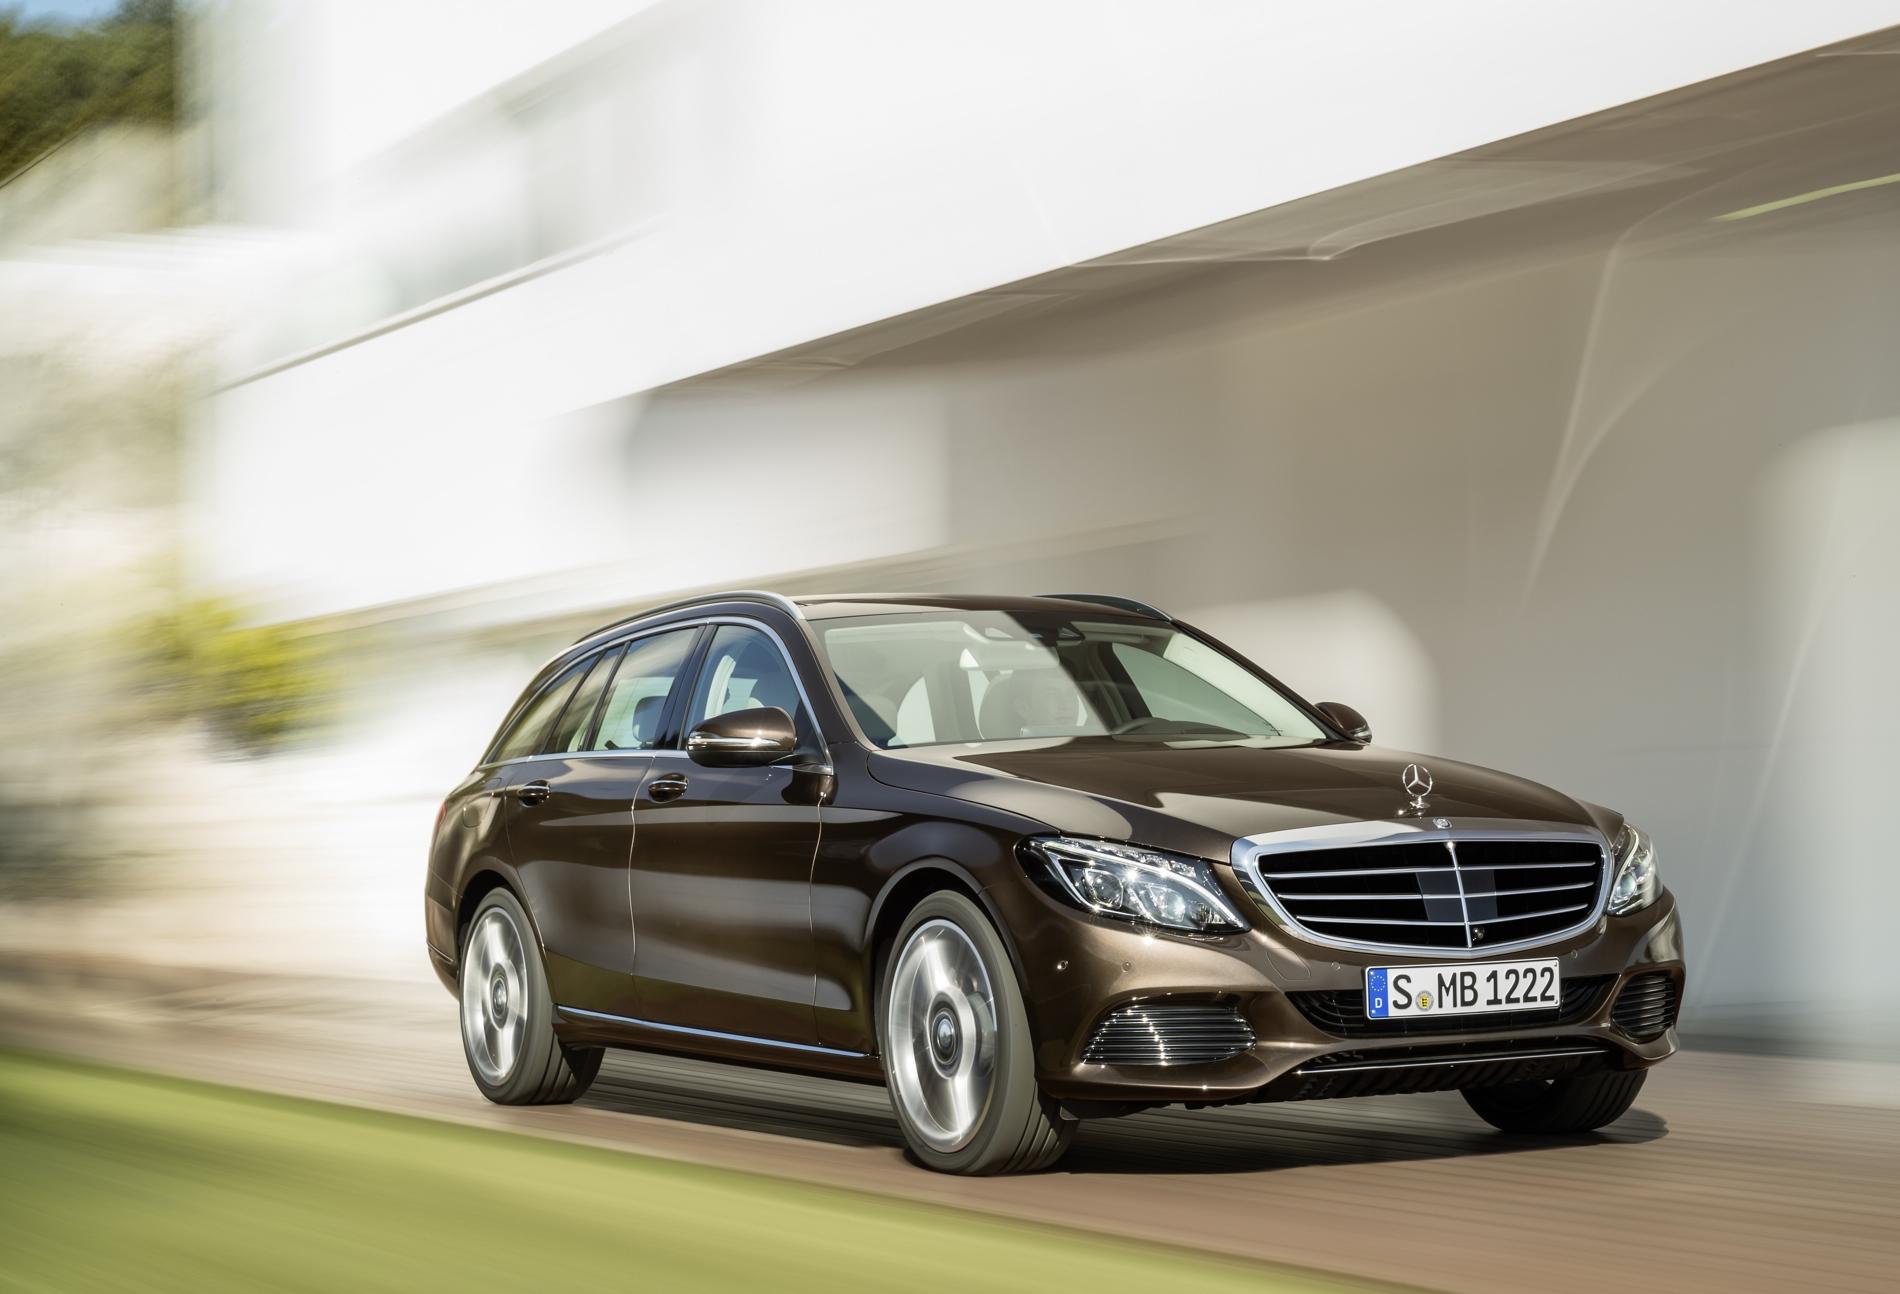 Endlich volljährig Das neue Mercedes C Klasse T Modell ist da S205